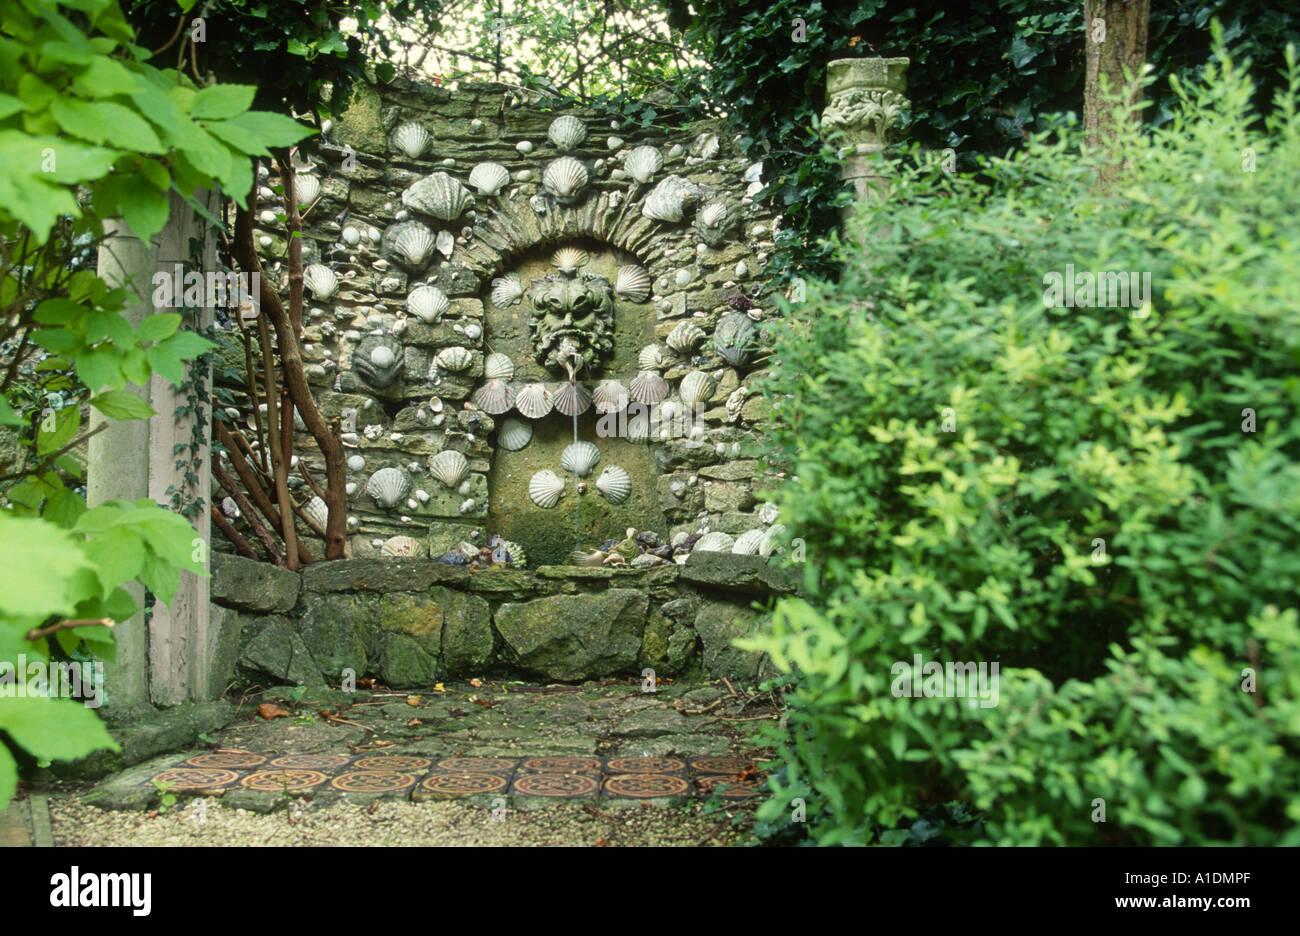 Sehr Garten Grotte gemacht von Muscheln Stockfoto, Bild: 5844078 - Alamy XG25